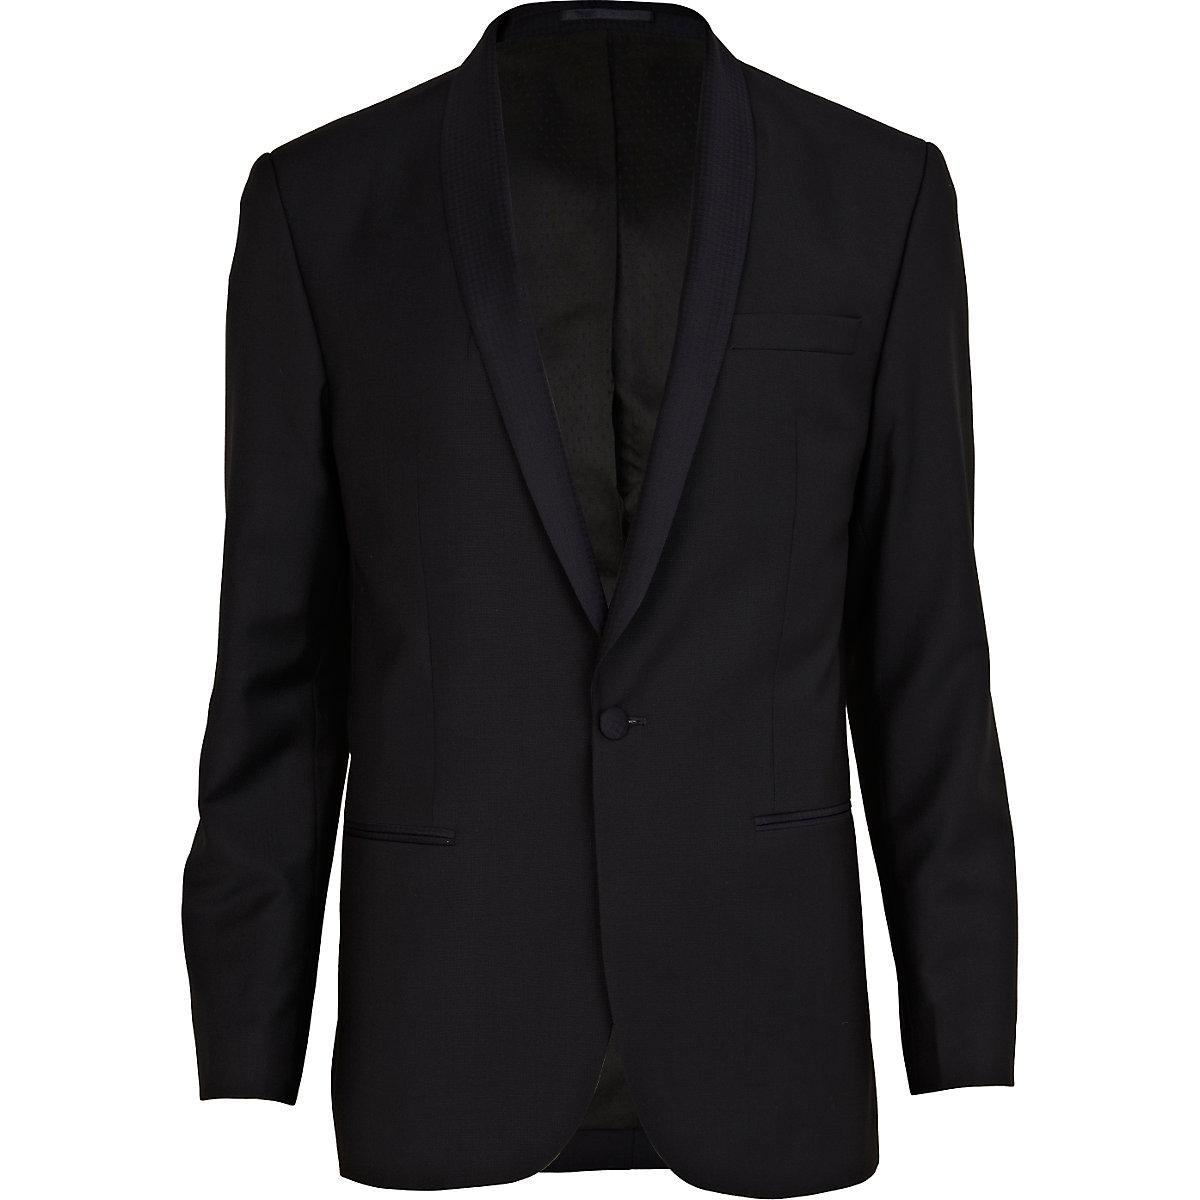 Navy blue classic fit suit jacket